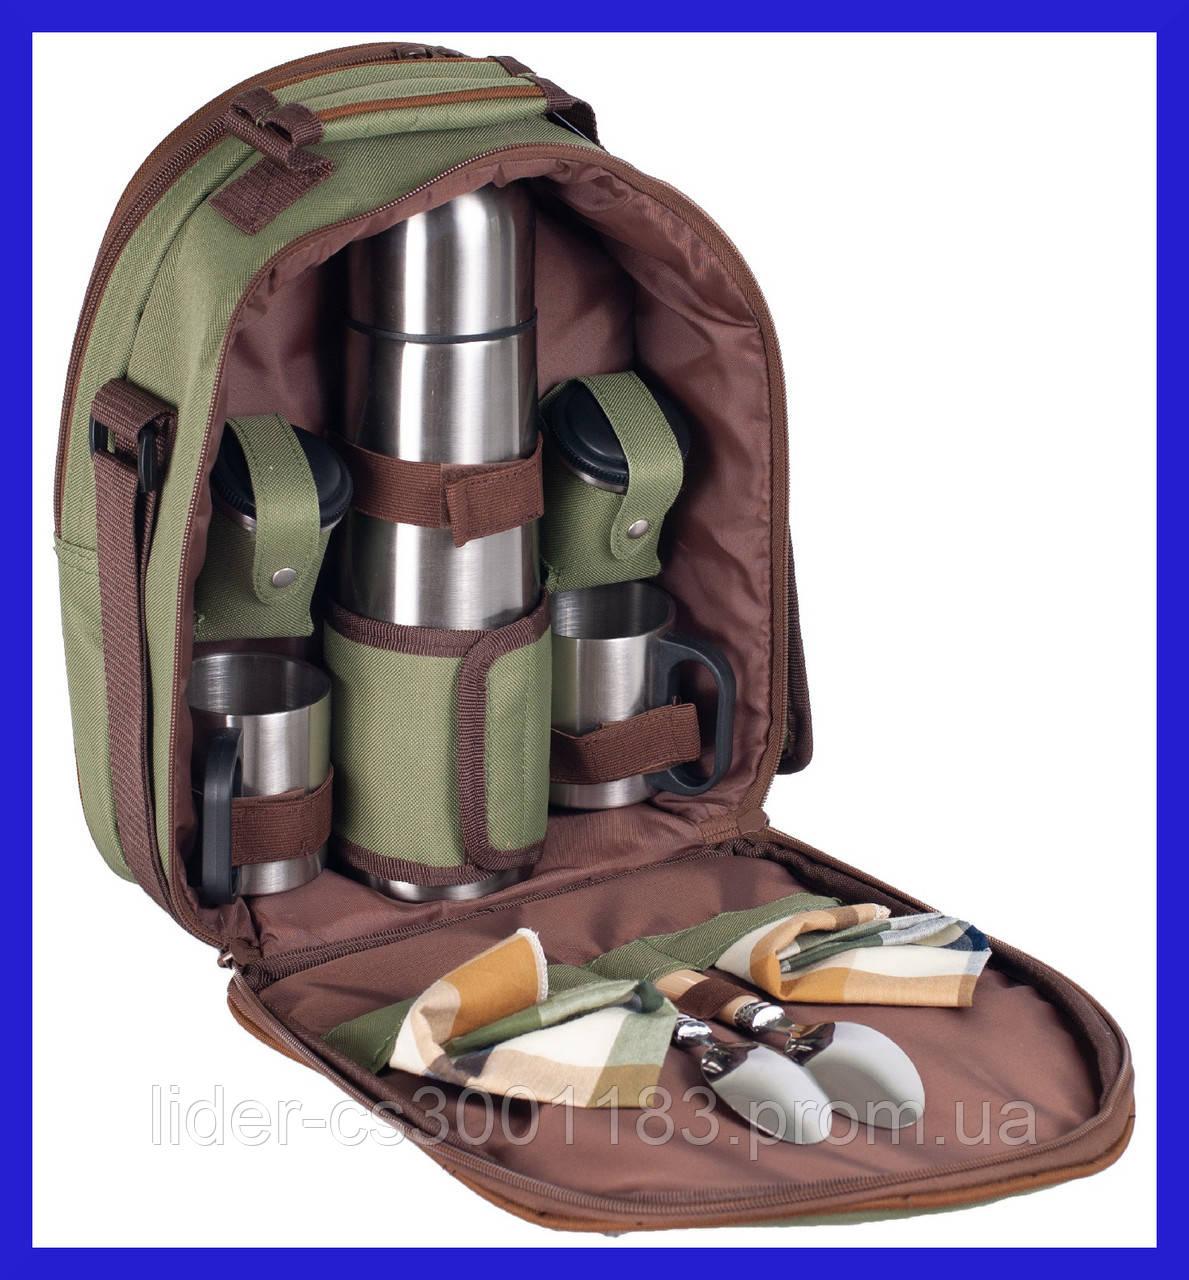 Набор для пикника Ranger Compact на 2 персоны (RA 9908)